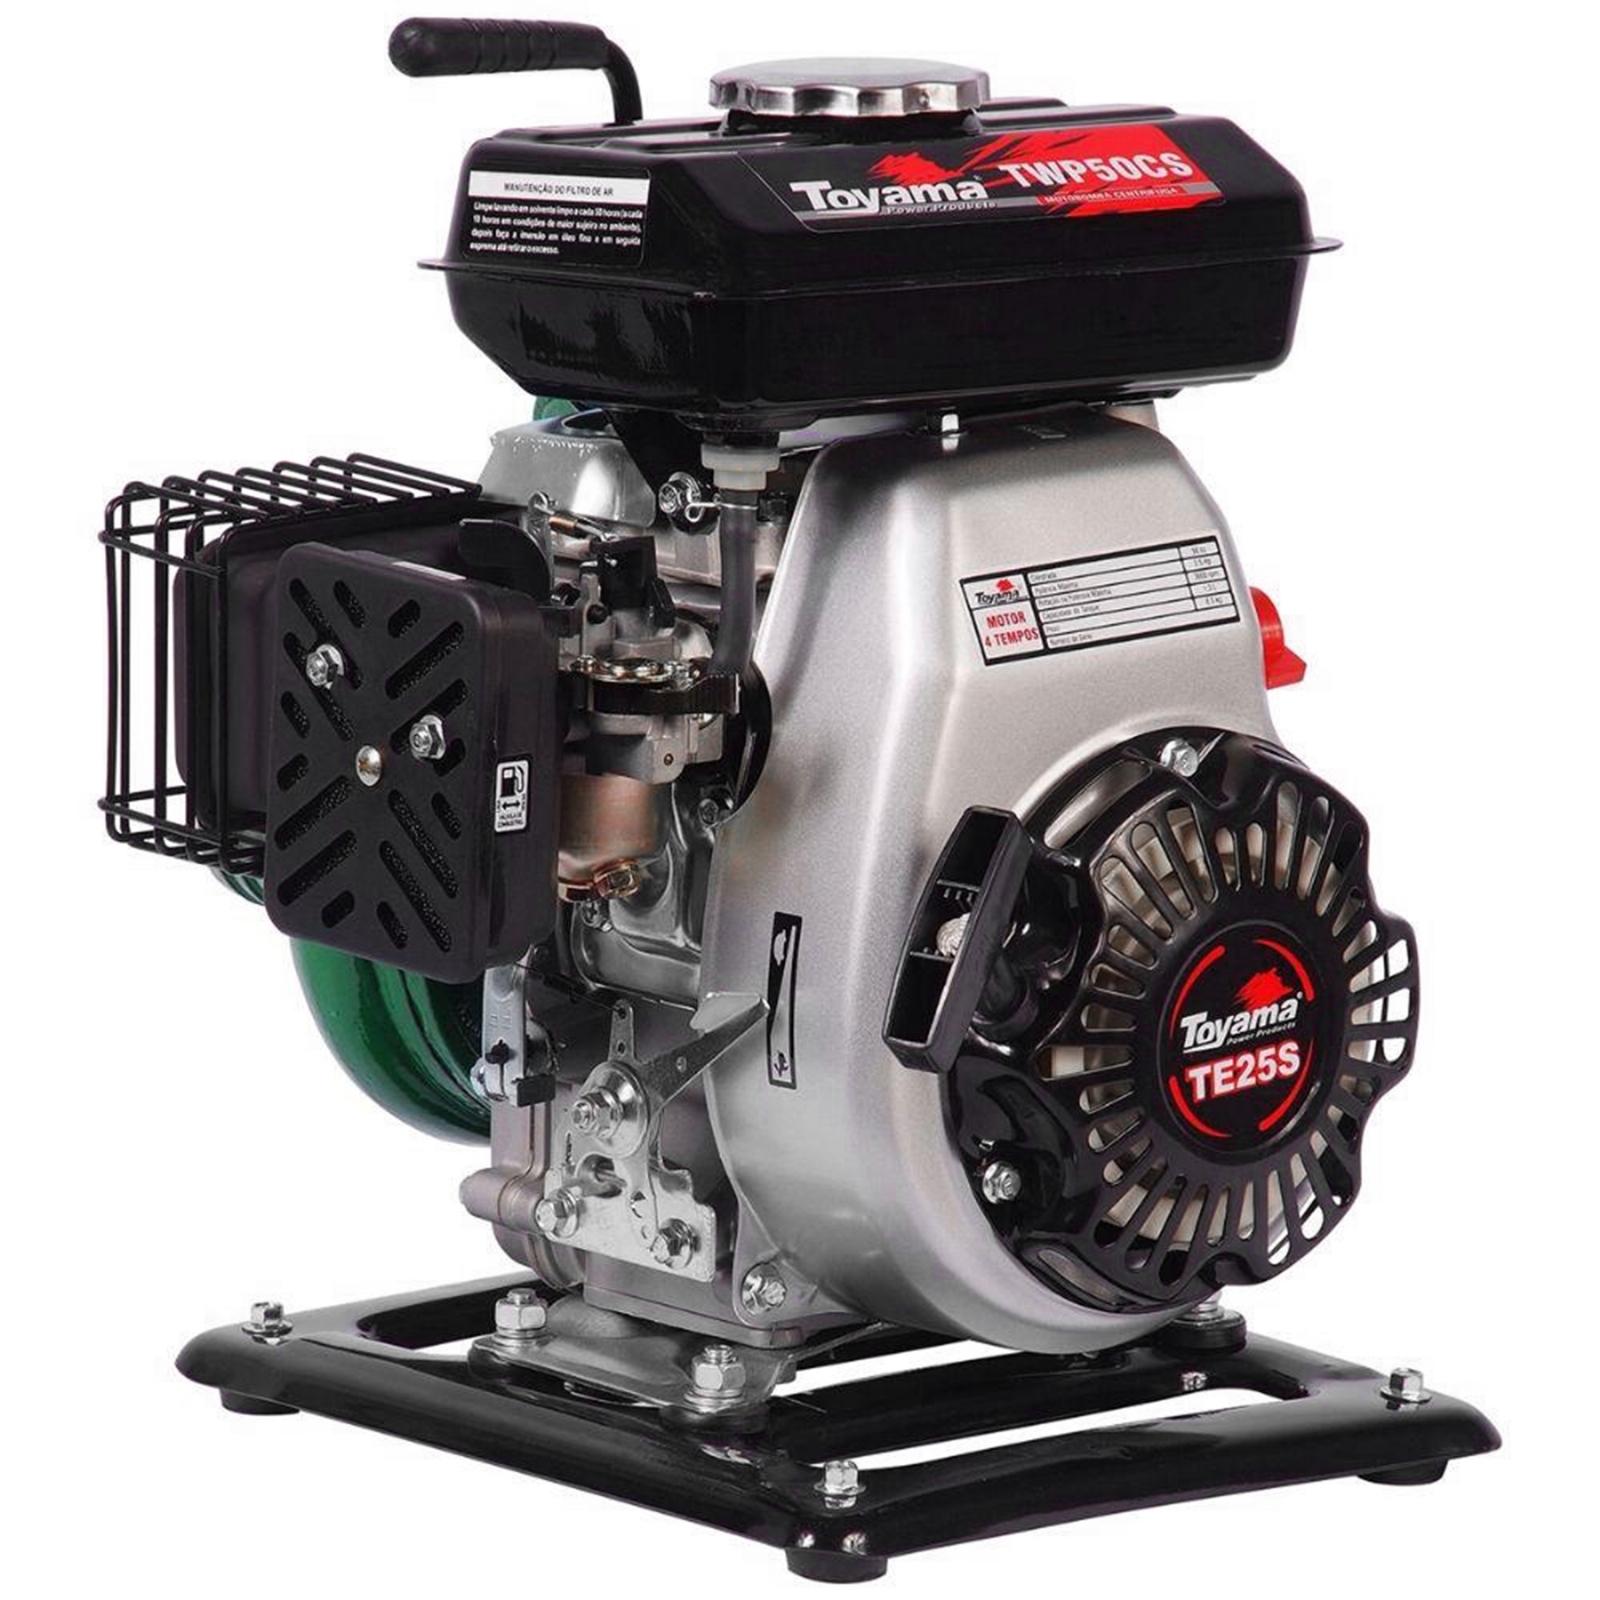 Motobomba Centrifuga a Gasolina Toyama Twp50cs 2,5hp Bc1 - Ferramentas MEP